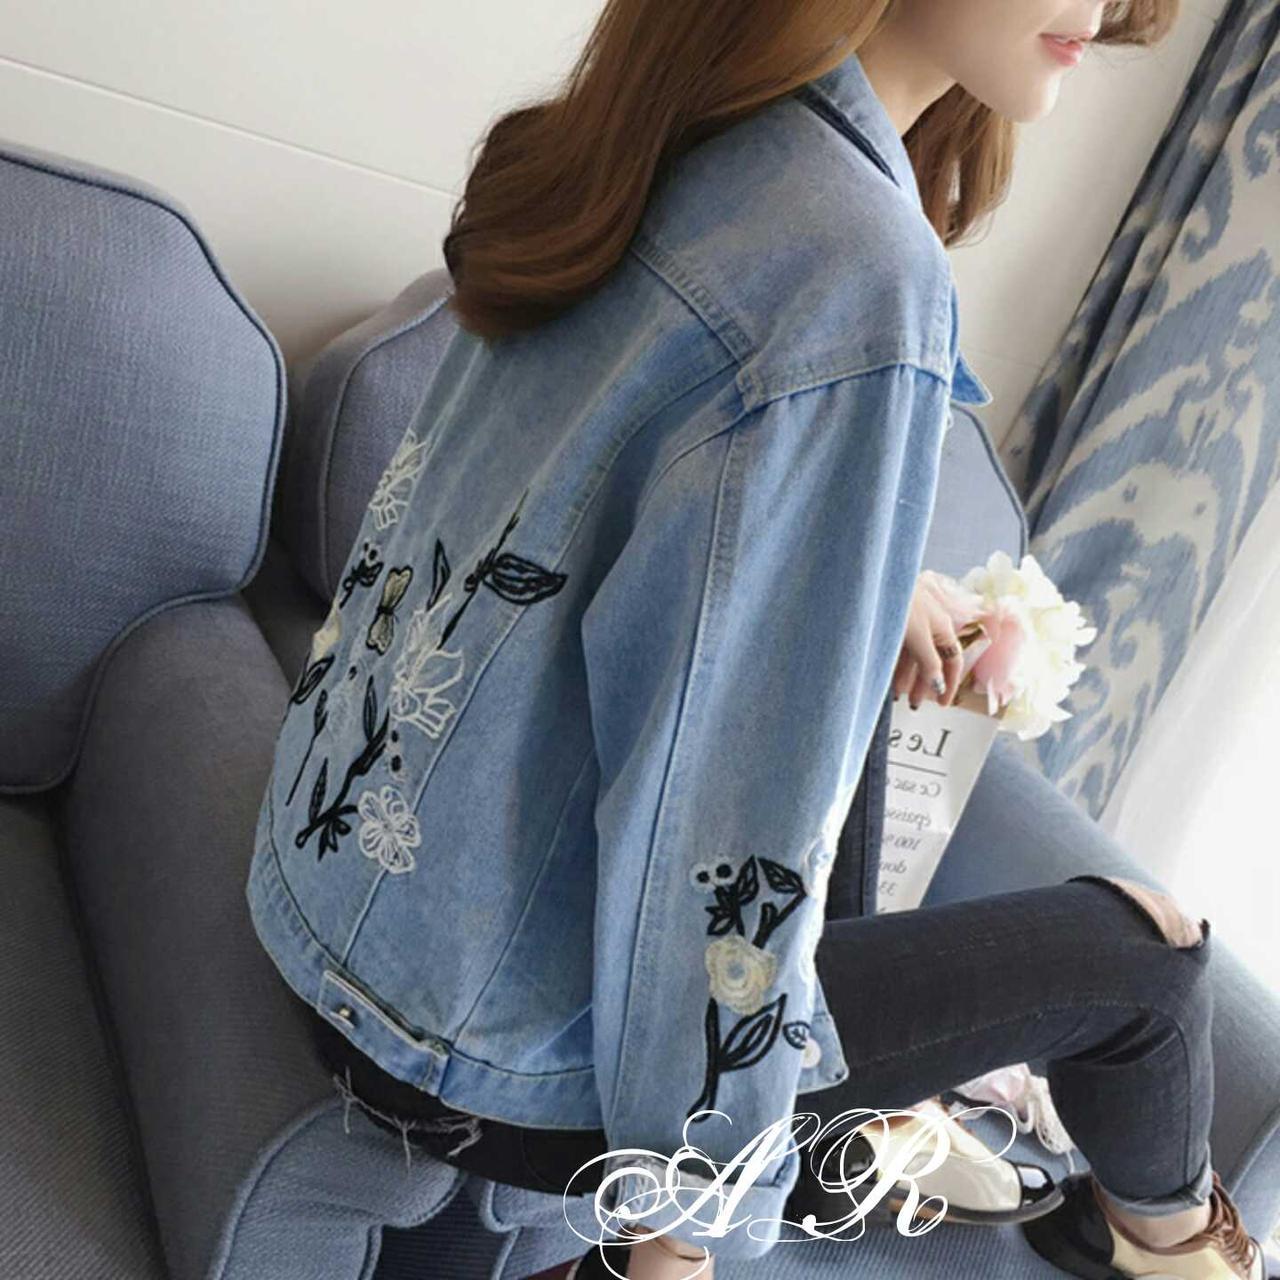 Стильная джинсовая куртка с цветочным принтом. Размер 42-44, 44-46